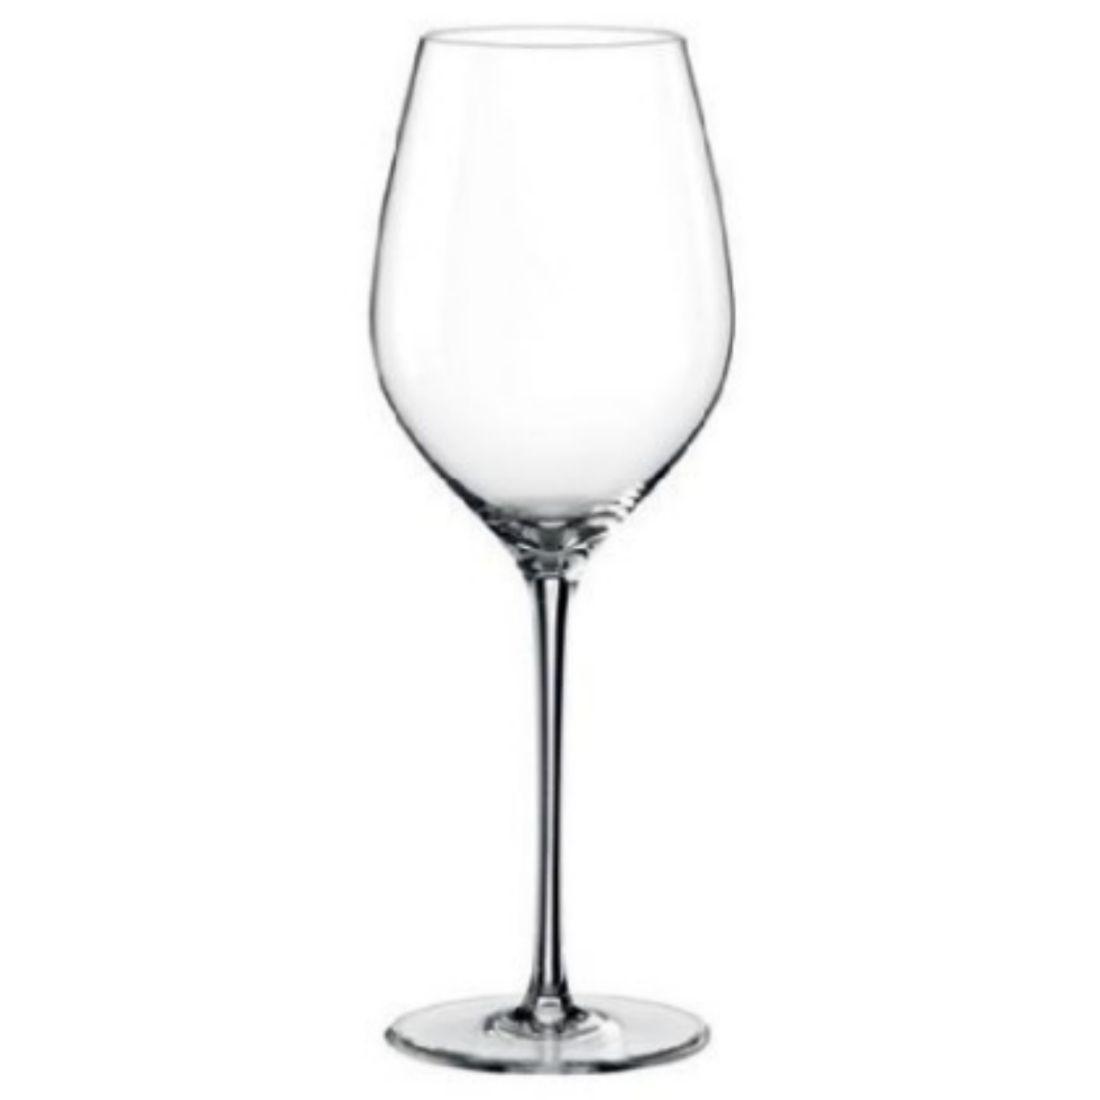 Celebration víno 36 cl